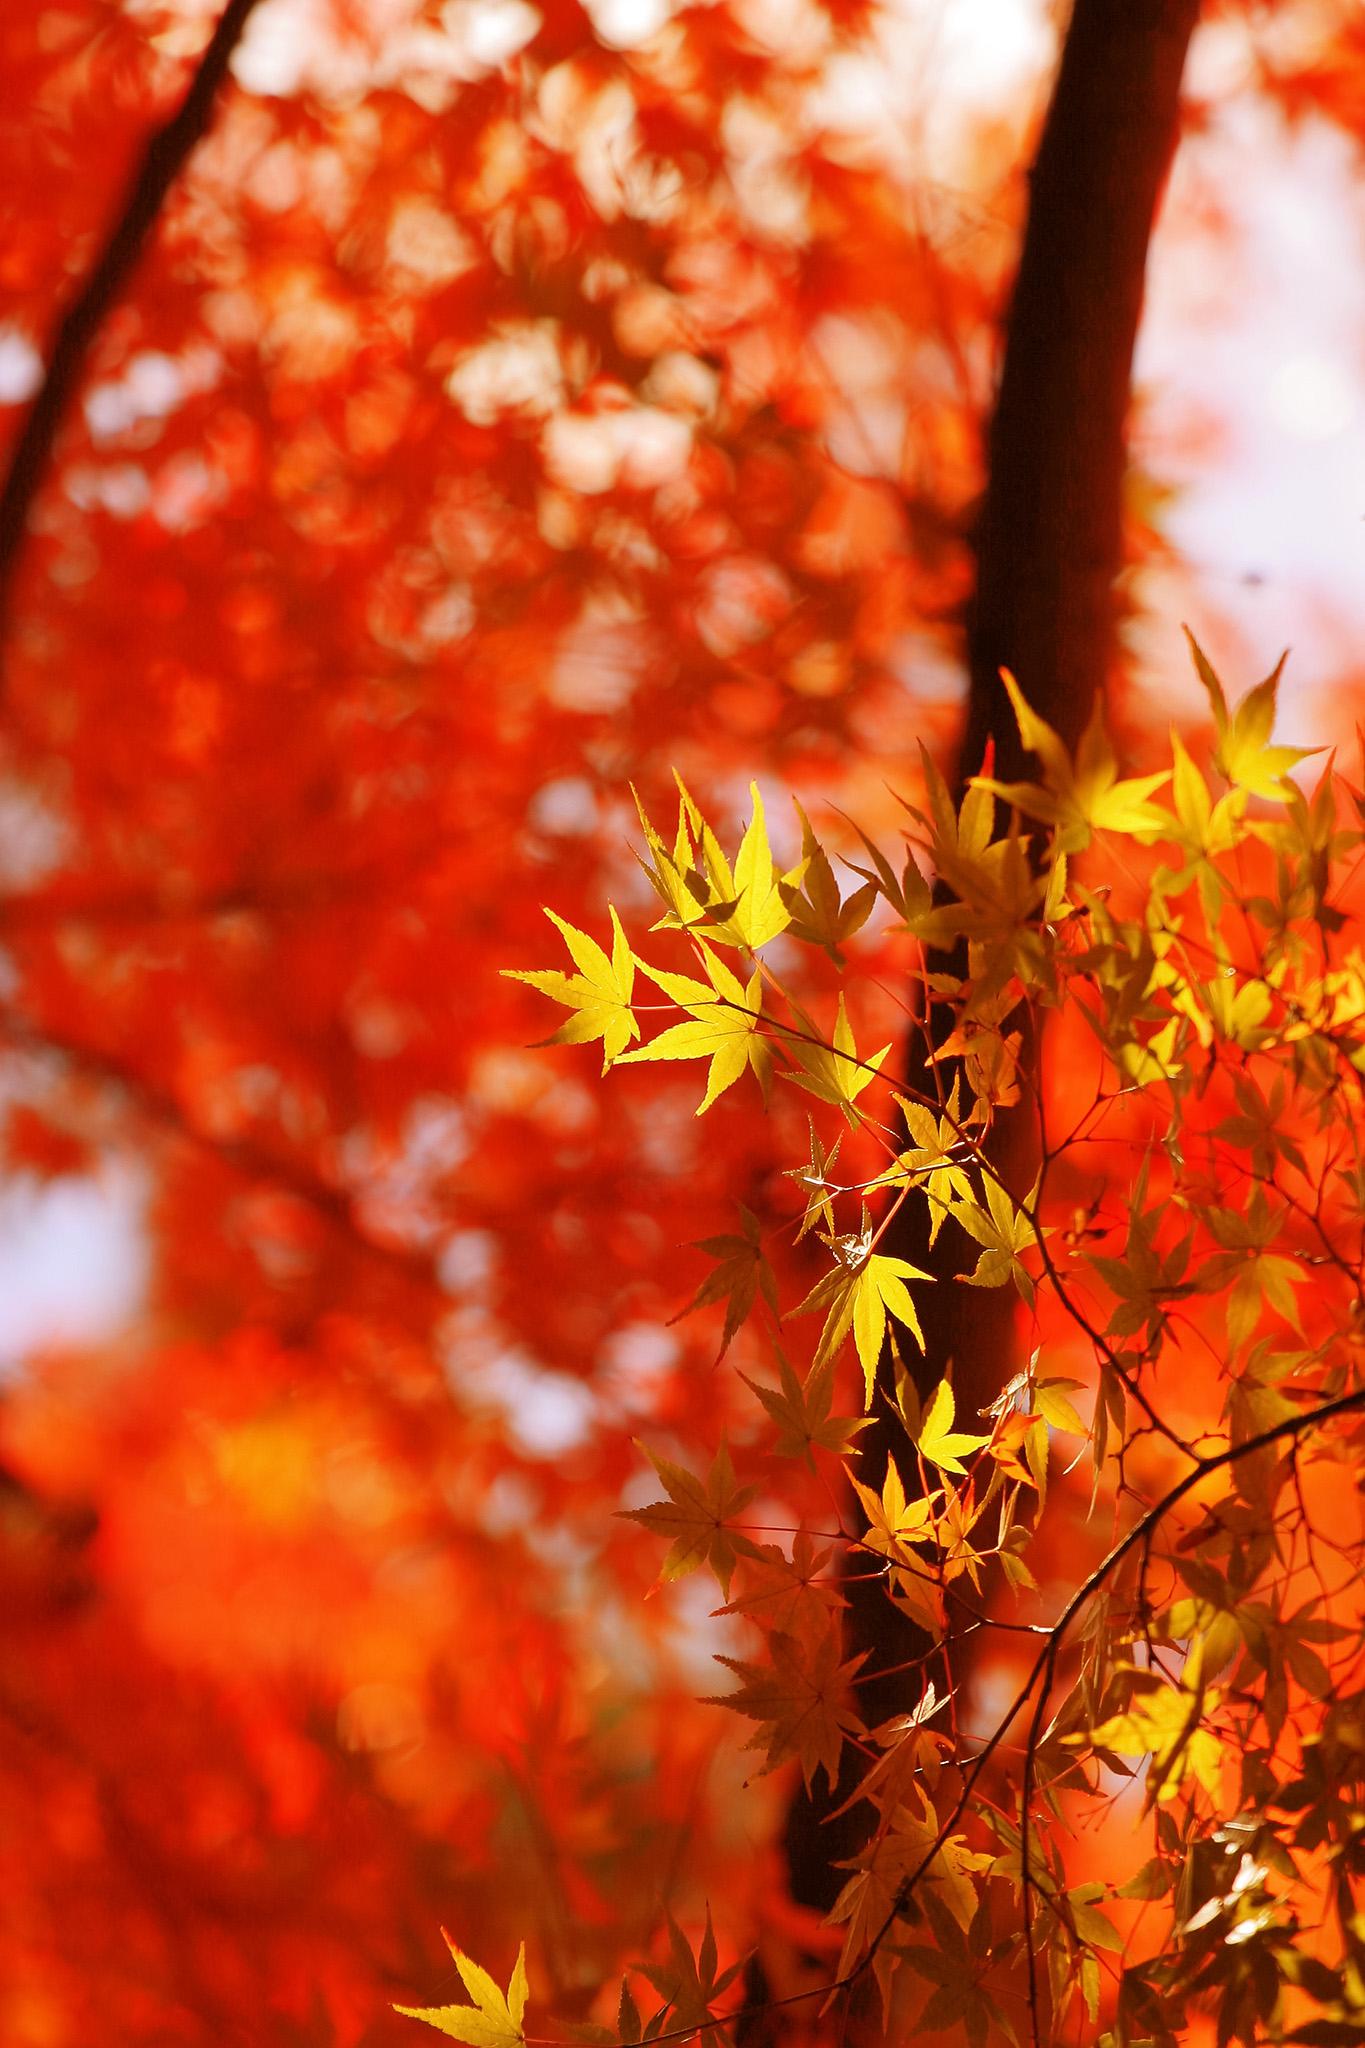 「黄葉の後ろの紅葉背景」の画像を無料ダウンロード